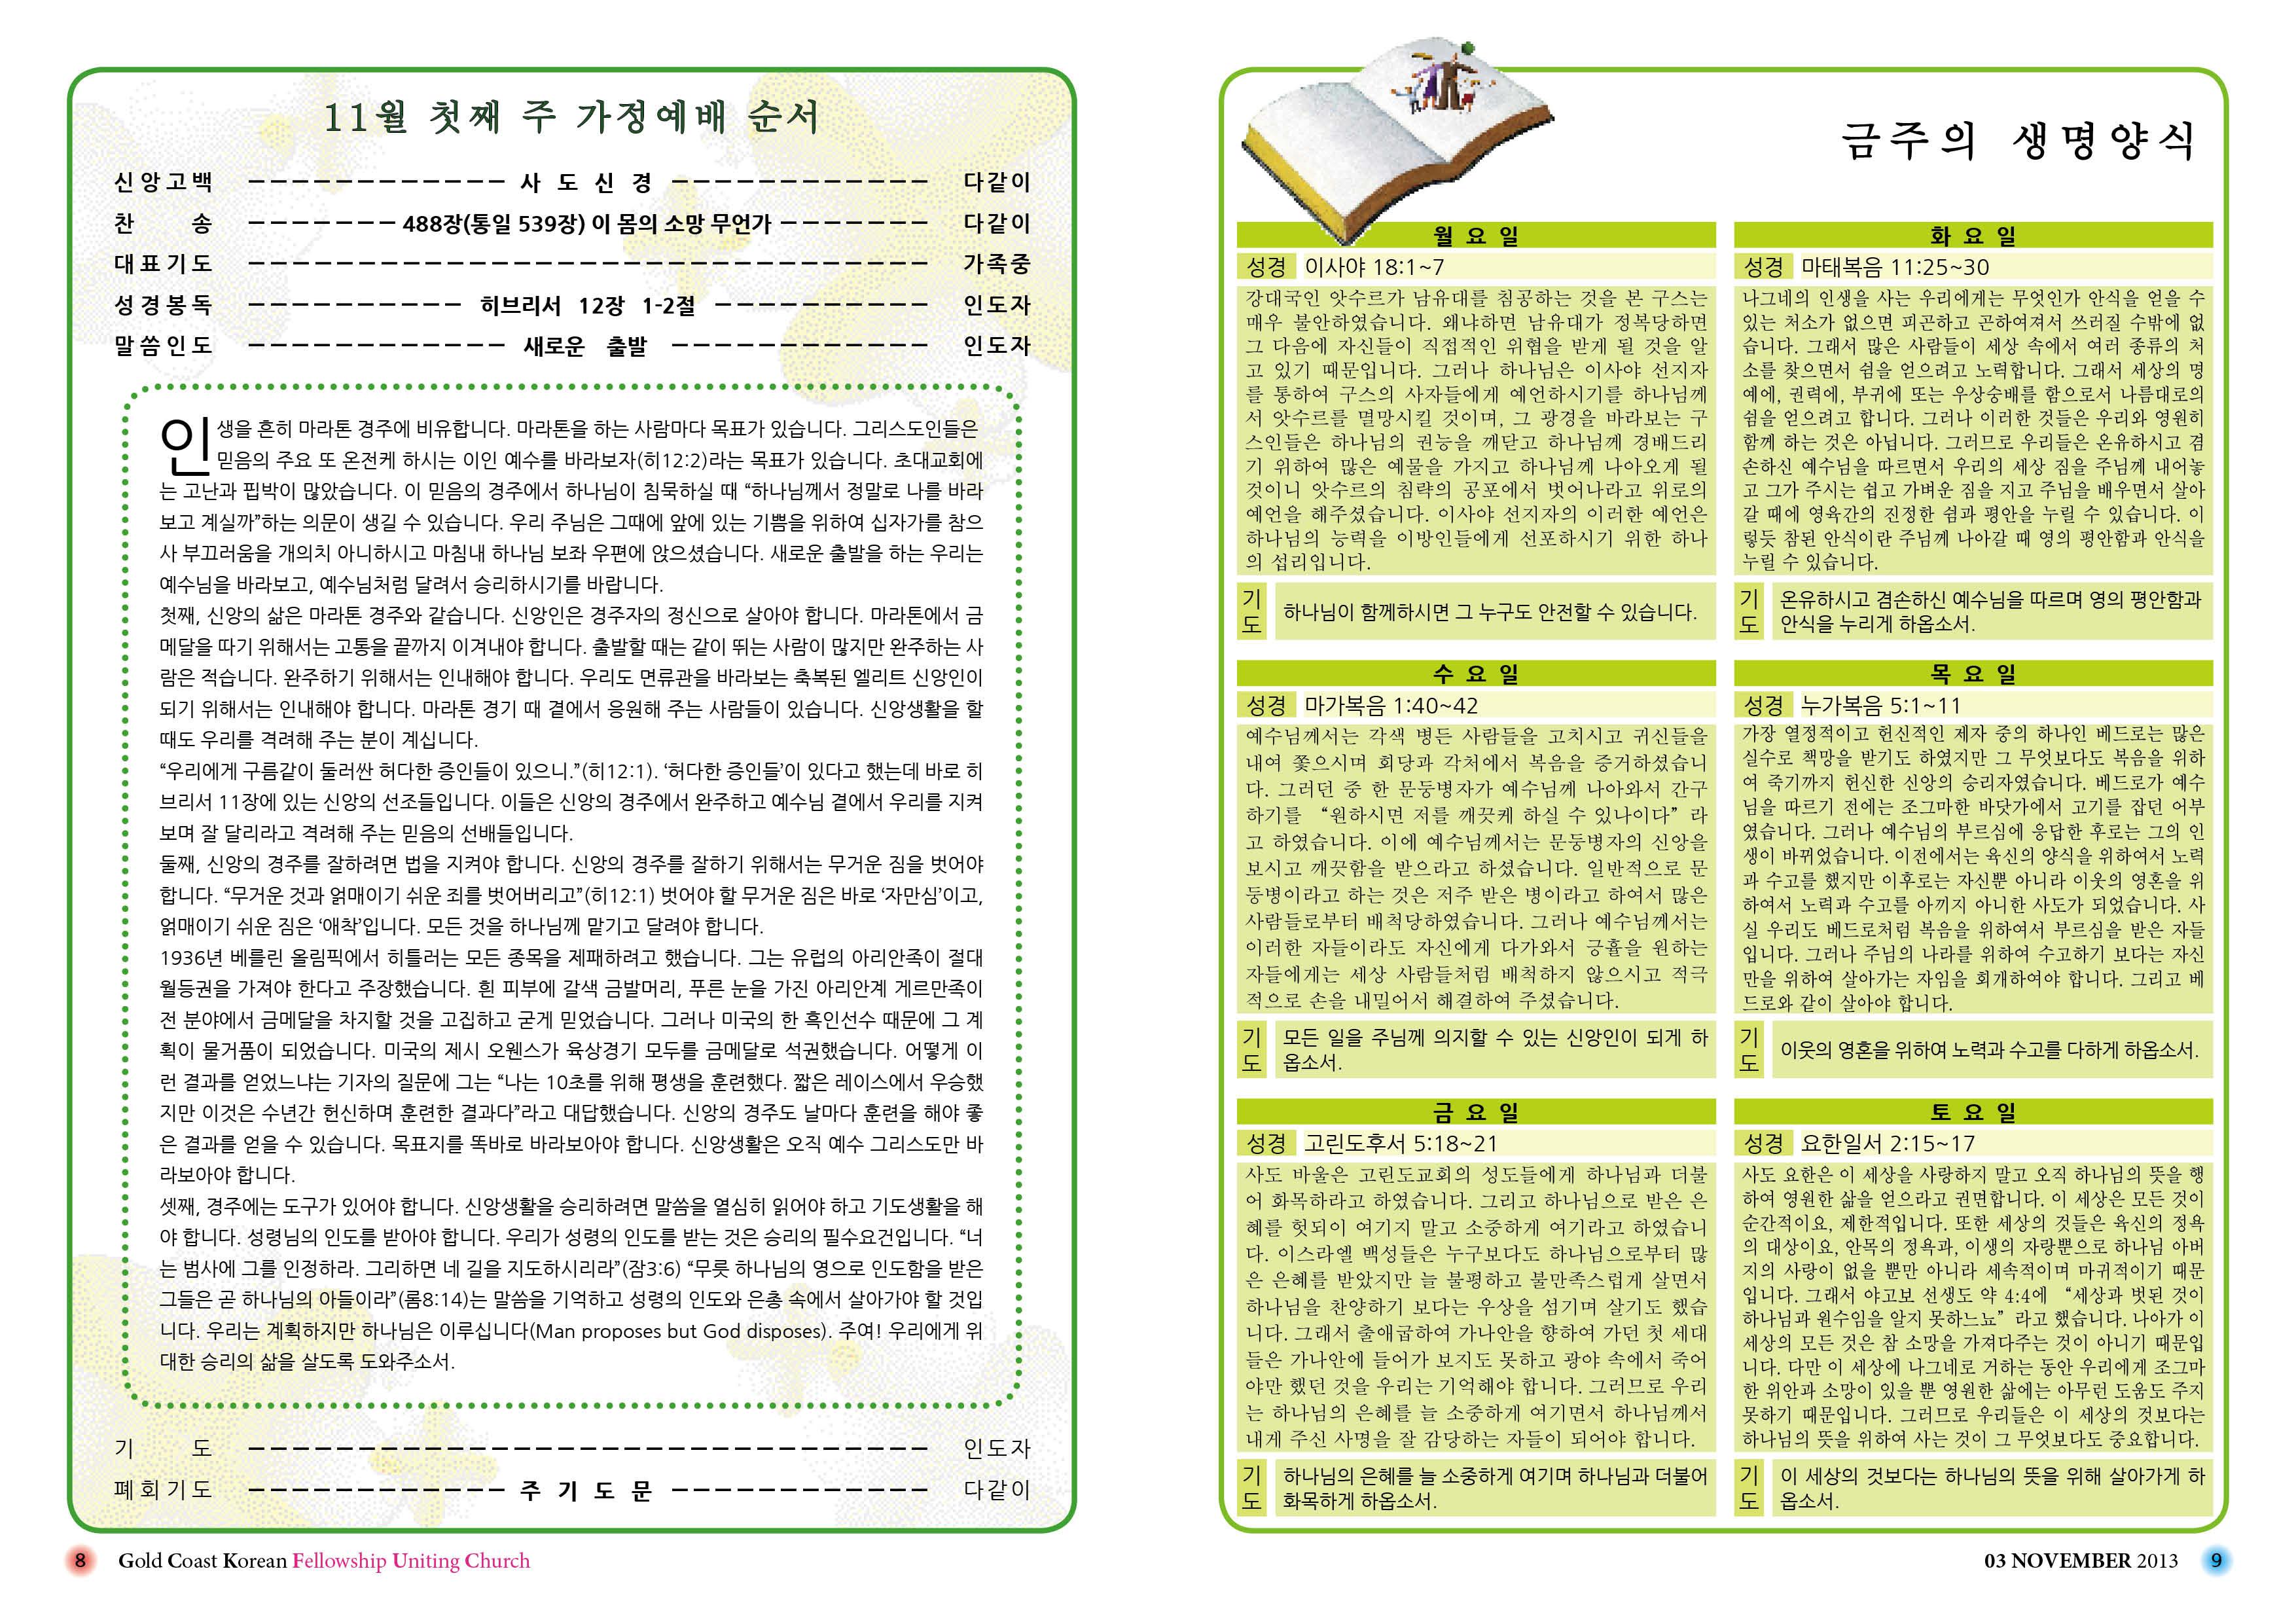 2013.11.03 주보(1차 수정)8.jpg